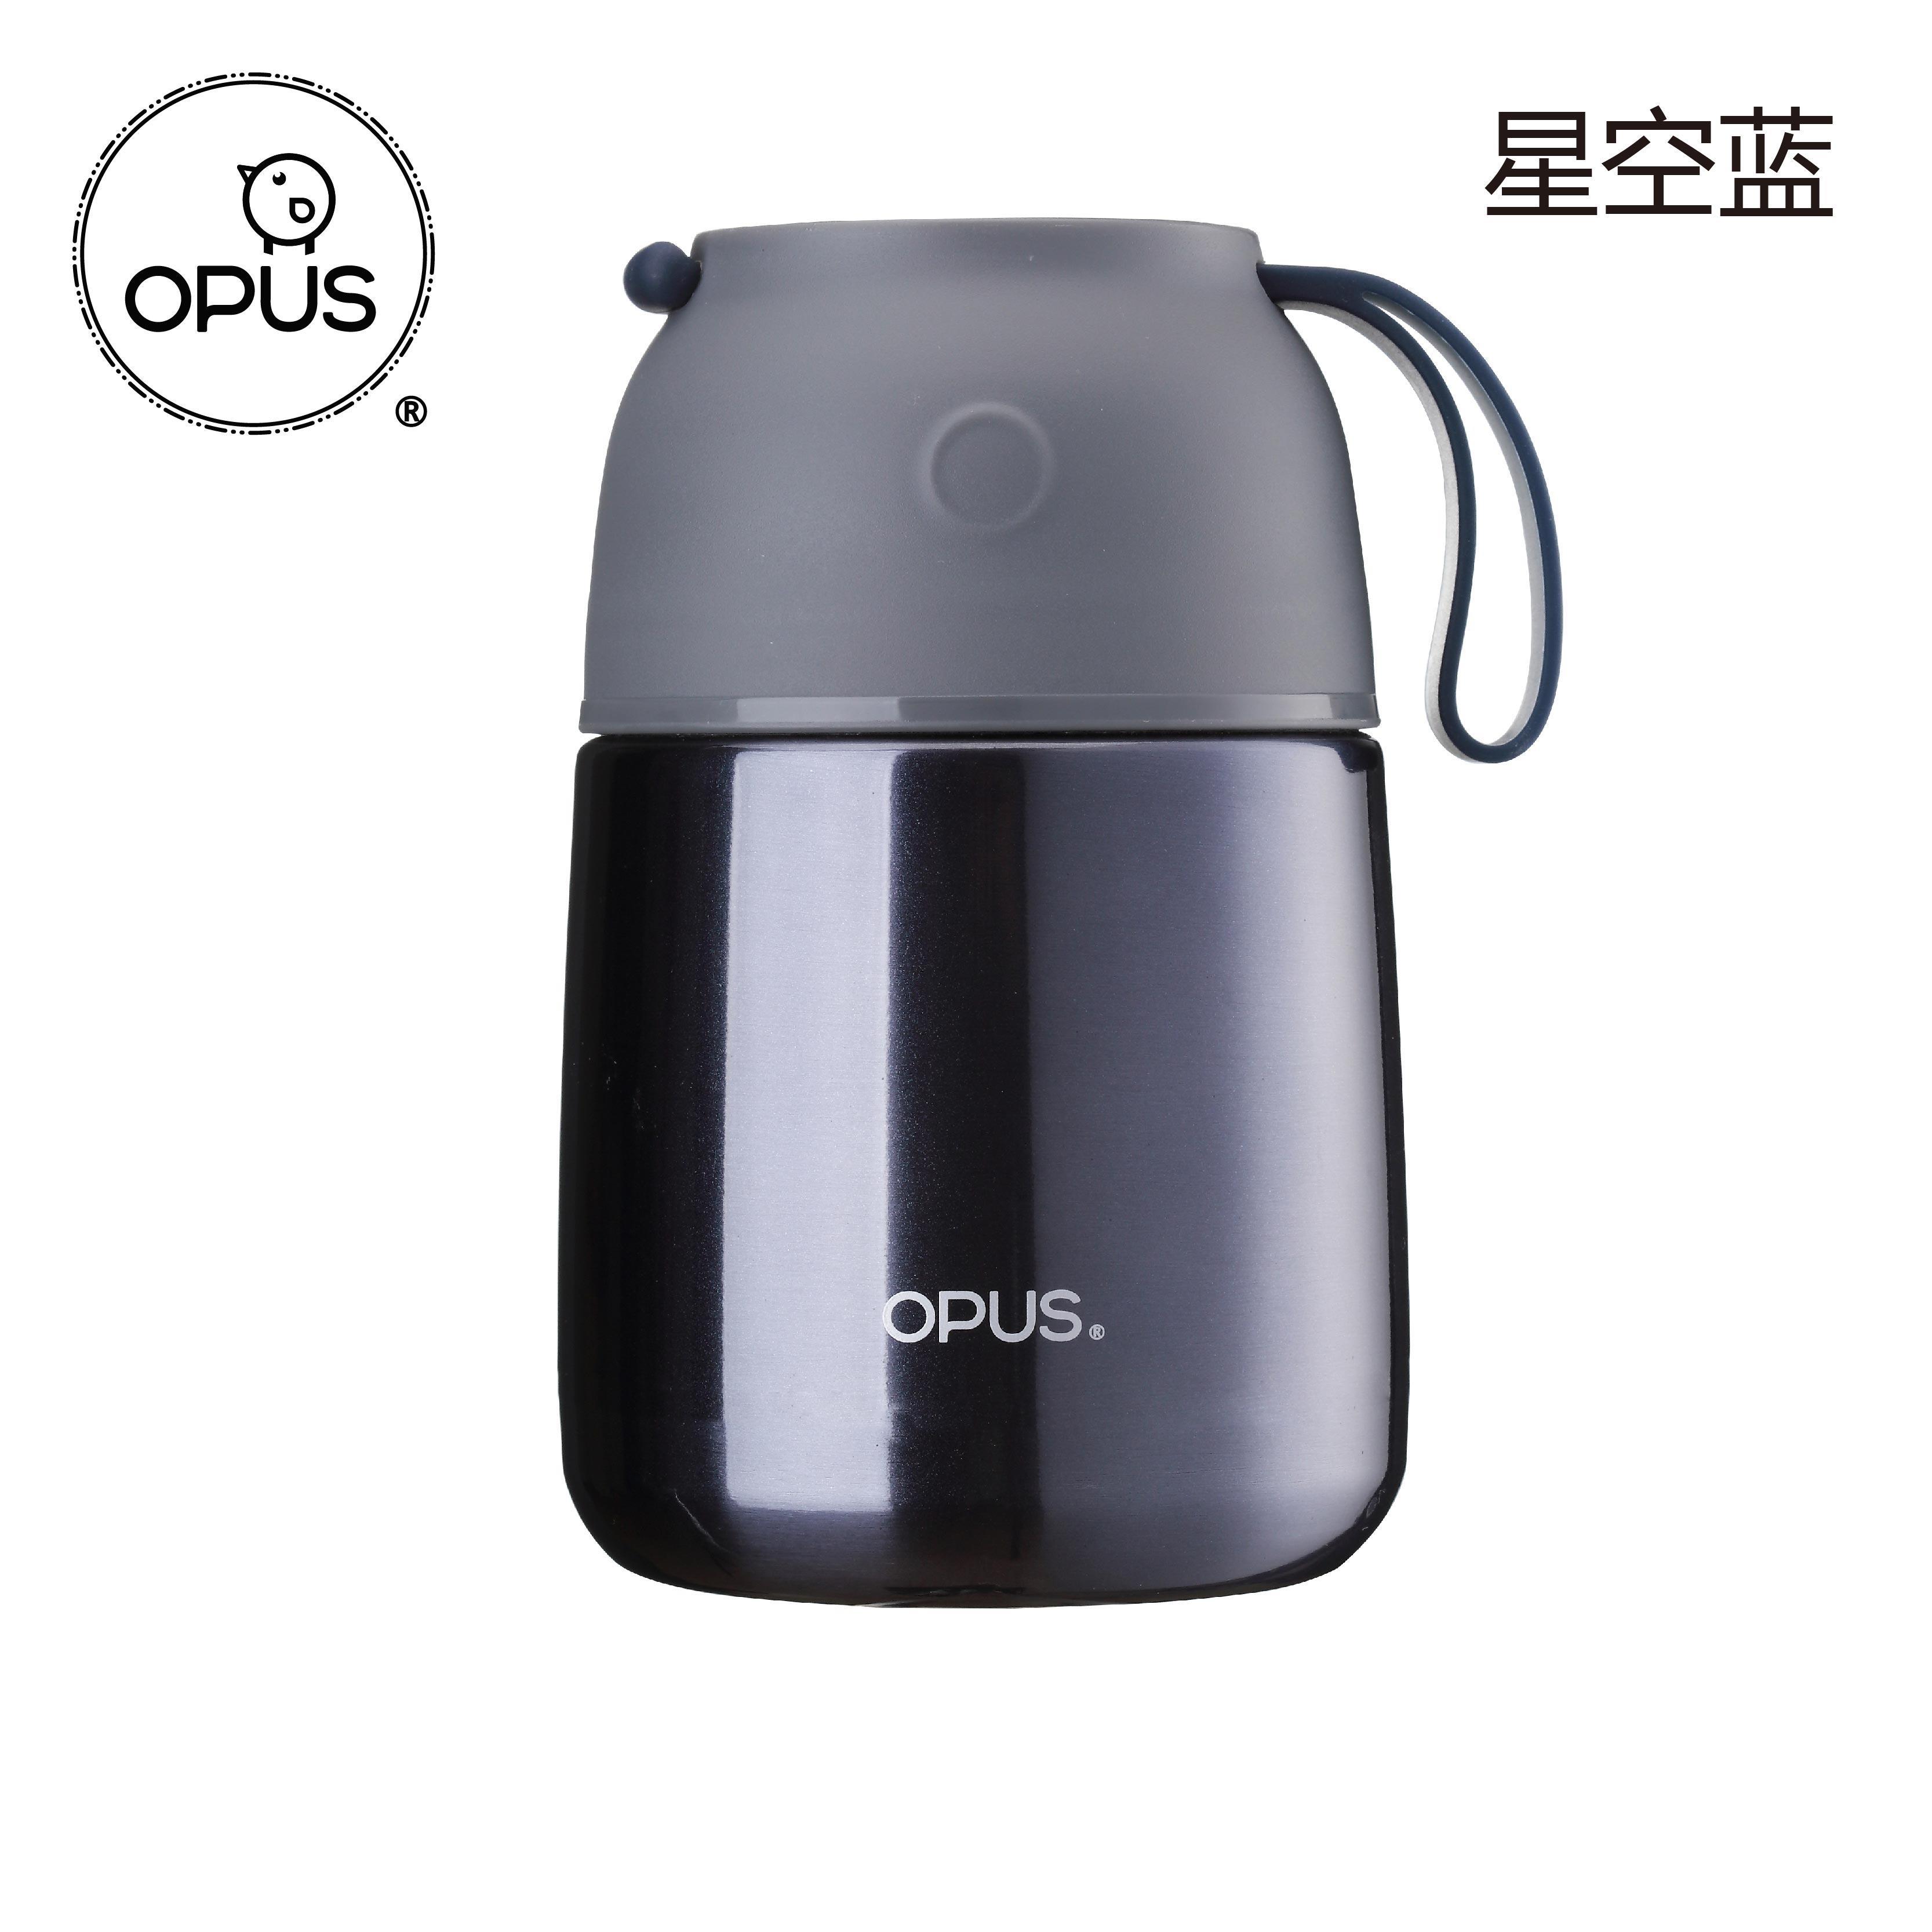 Opus Stainless Steel Beaker Braised Beaker Stewing Pot Discount Code